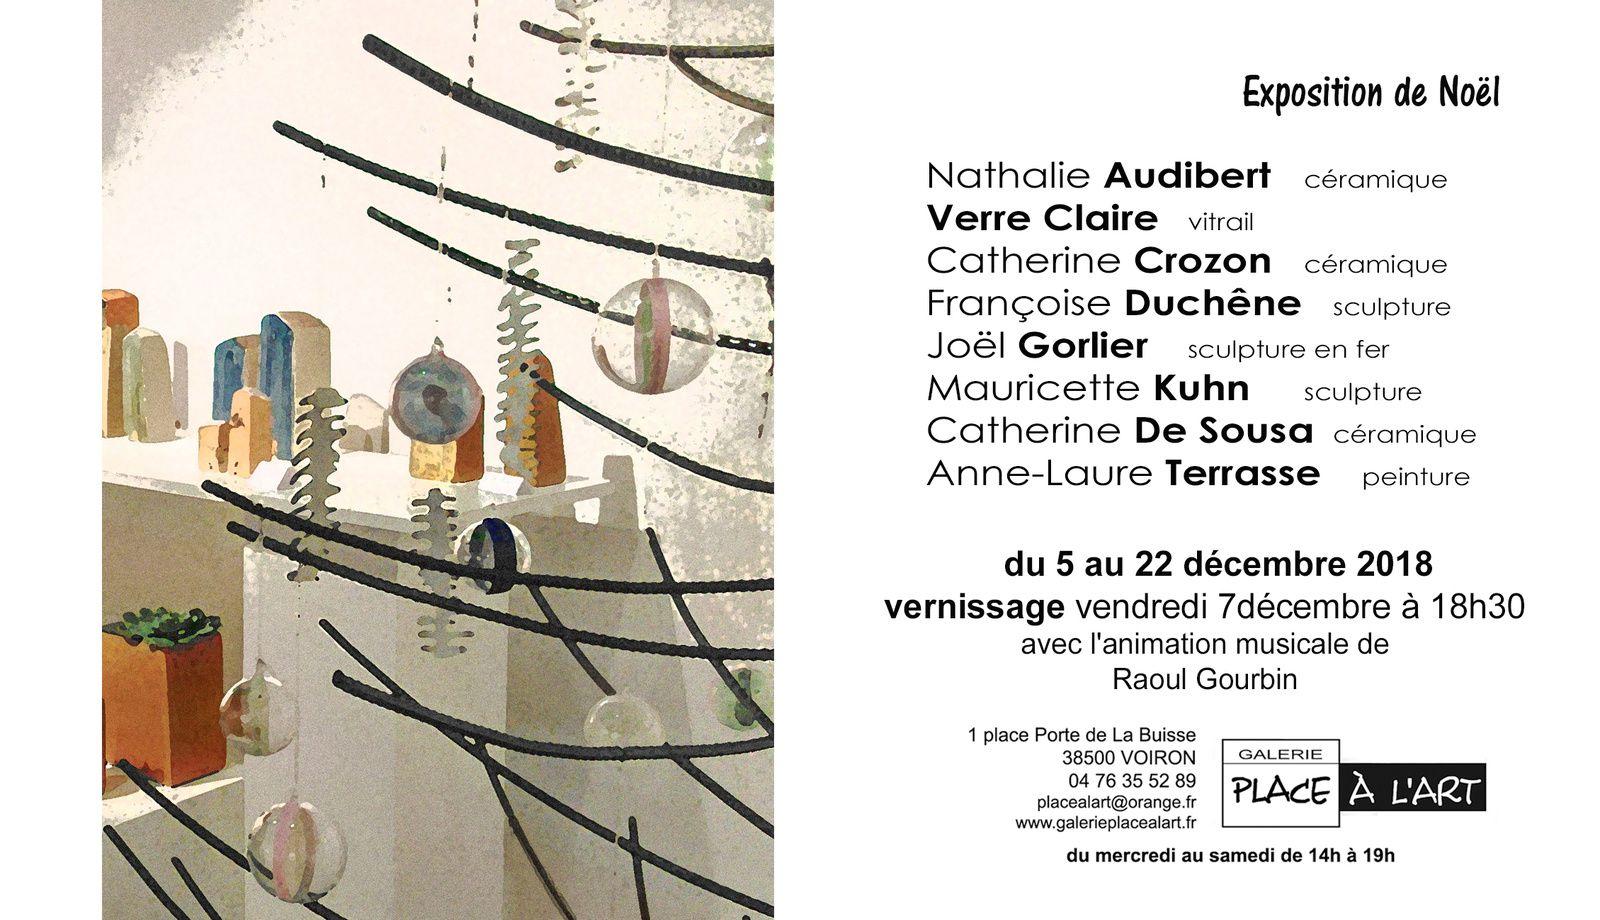 Exposition de Noël 2018 : du 5 au 22 décembre 2018